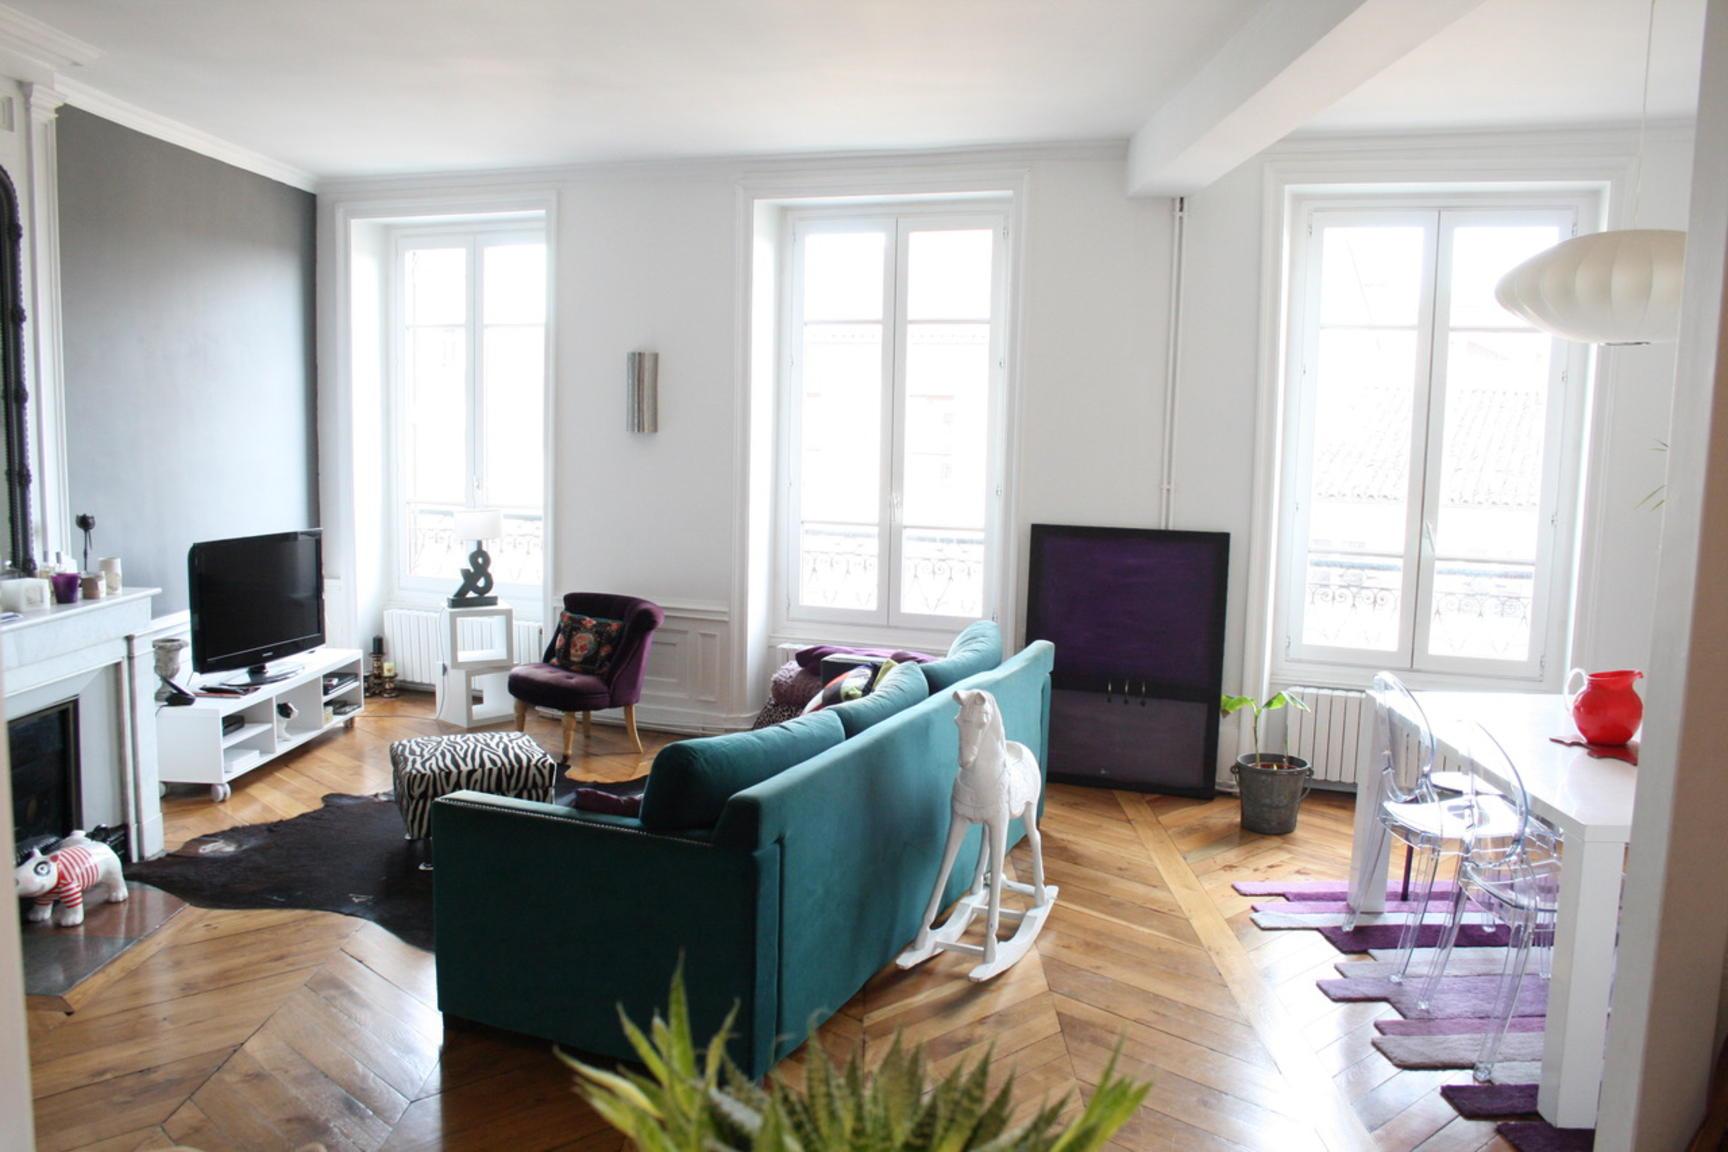 annonce vente appartement villefranche sur sa ne 69400 147 m 274 900 992734871658. Black Bedroom Furniture Sets. Home Design Ideas